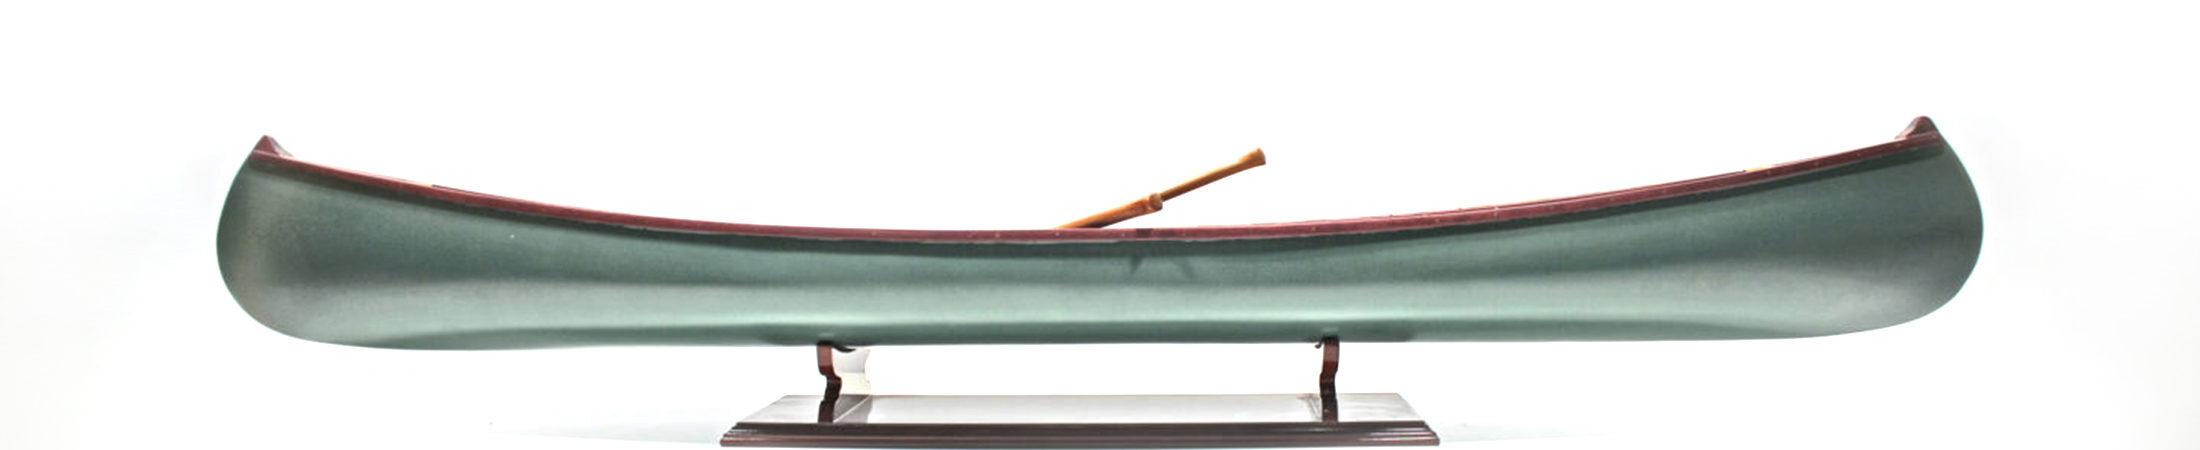 Modell eines  Holzkanus grüne Farbe 110cm länge handgefertigt aus Holz